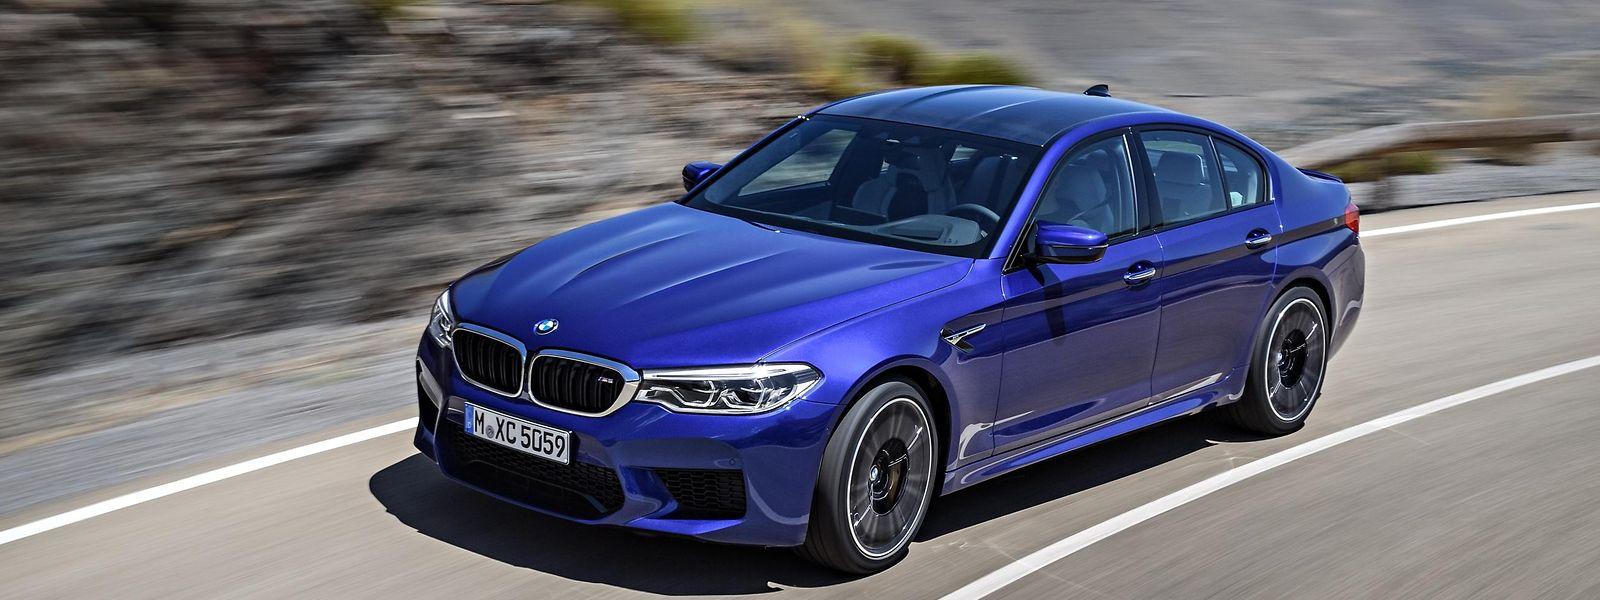 Der BMW M5 wird von einem doppelt aufgeladenen V8 mit 441 kW/600 PS befeuert.